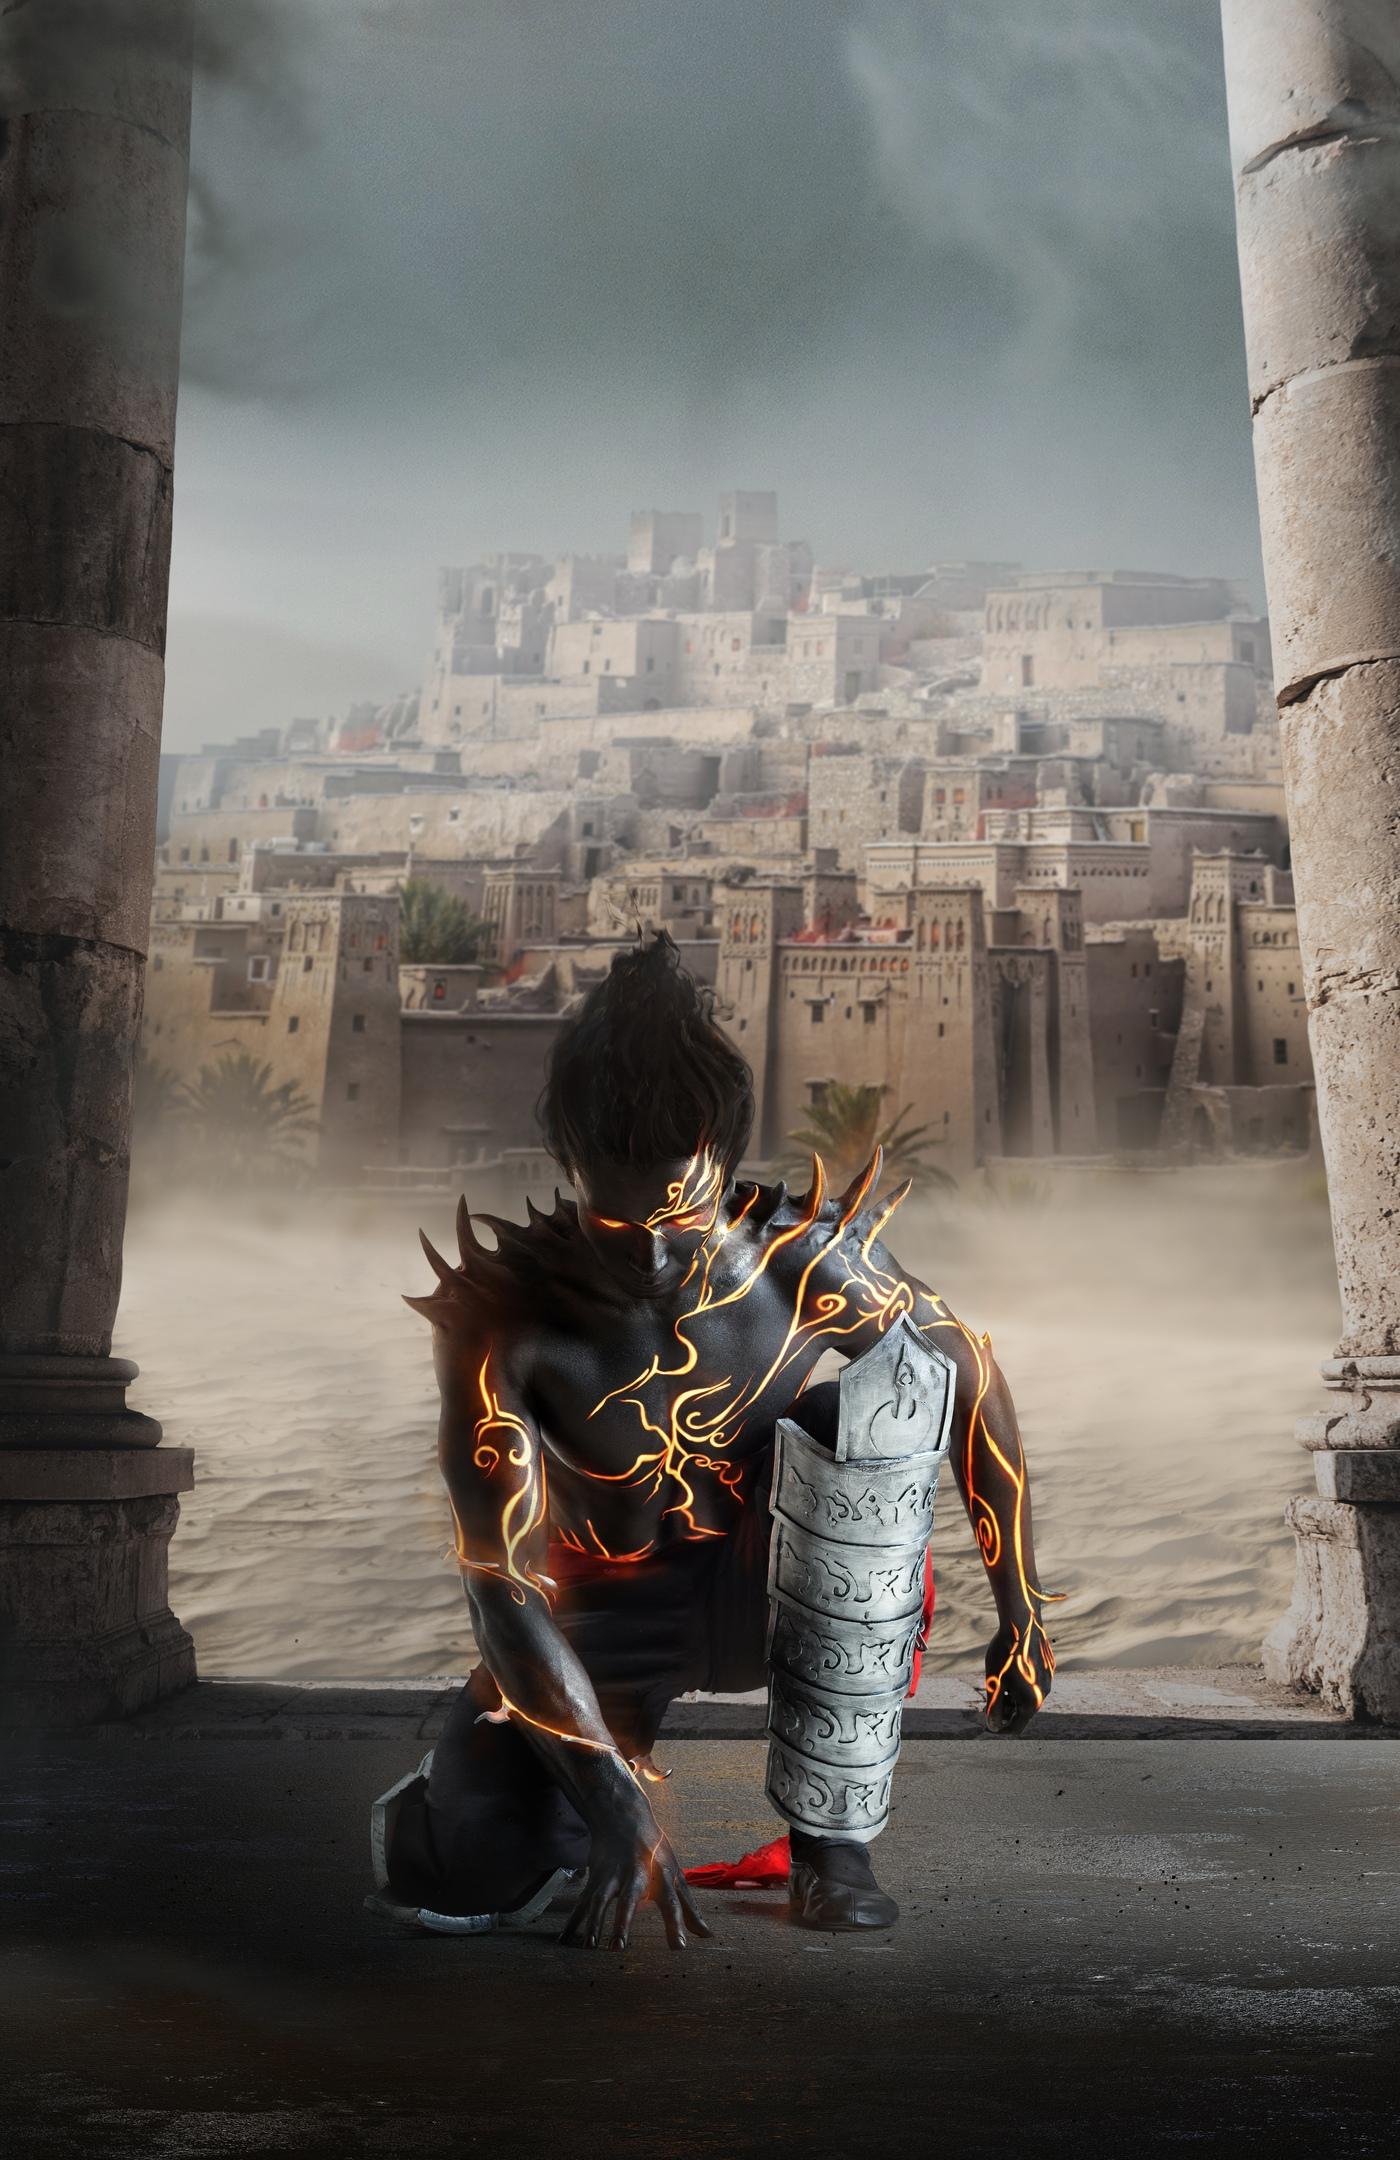 уже сейчас фото принца персии два трона вас то, что